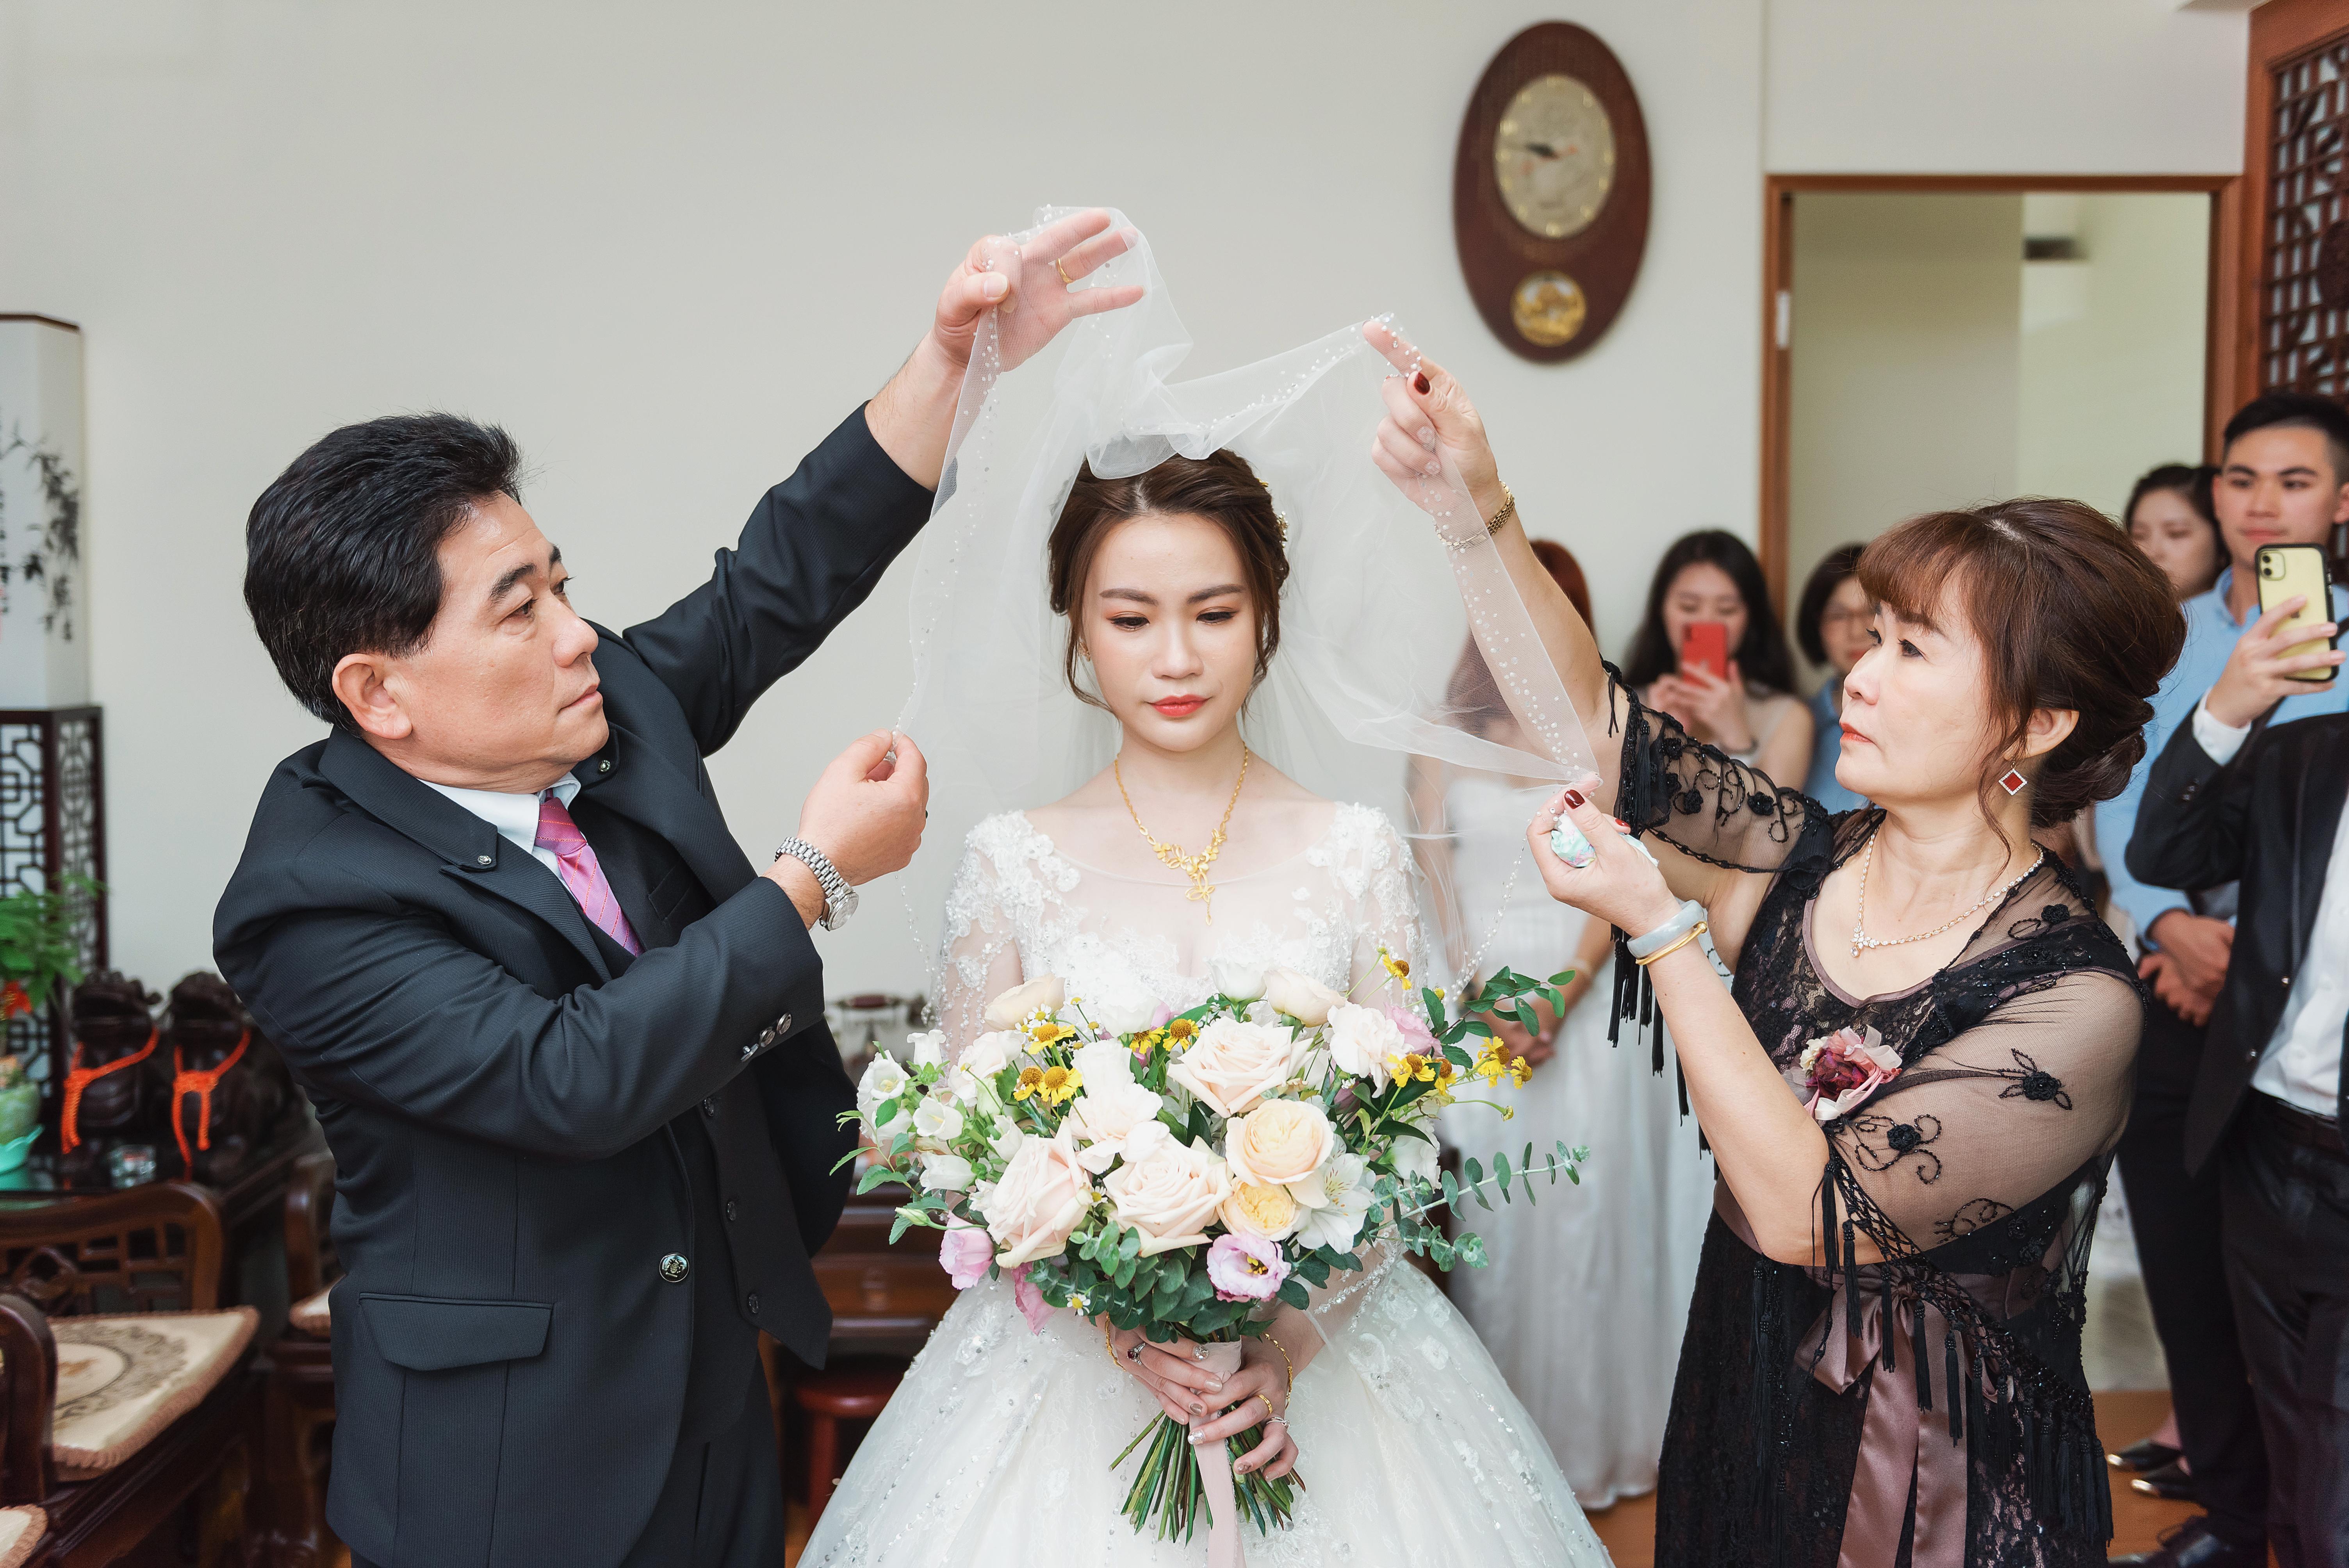 20201004婚禮記錄新板彭園致宏盈絹41-2 拷貝